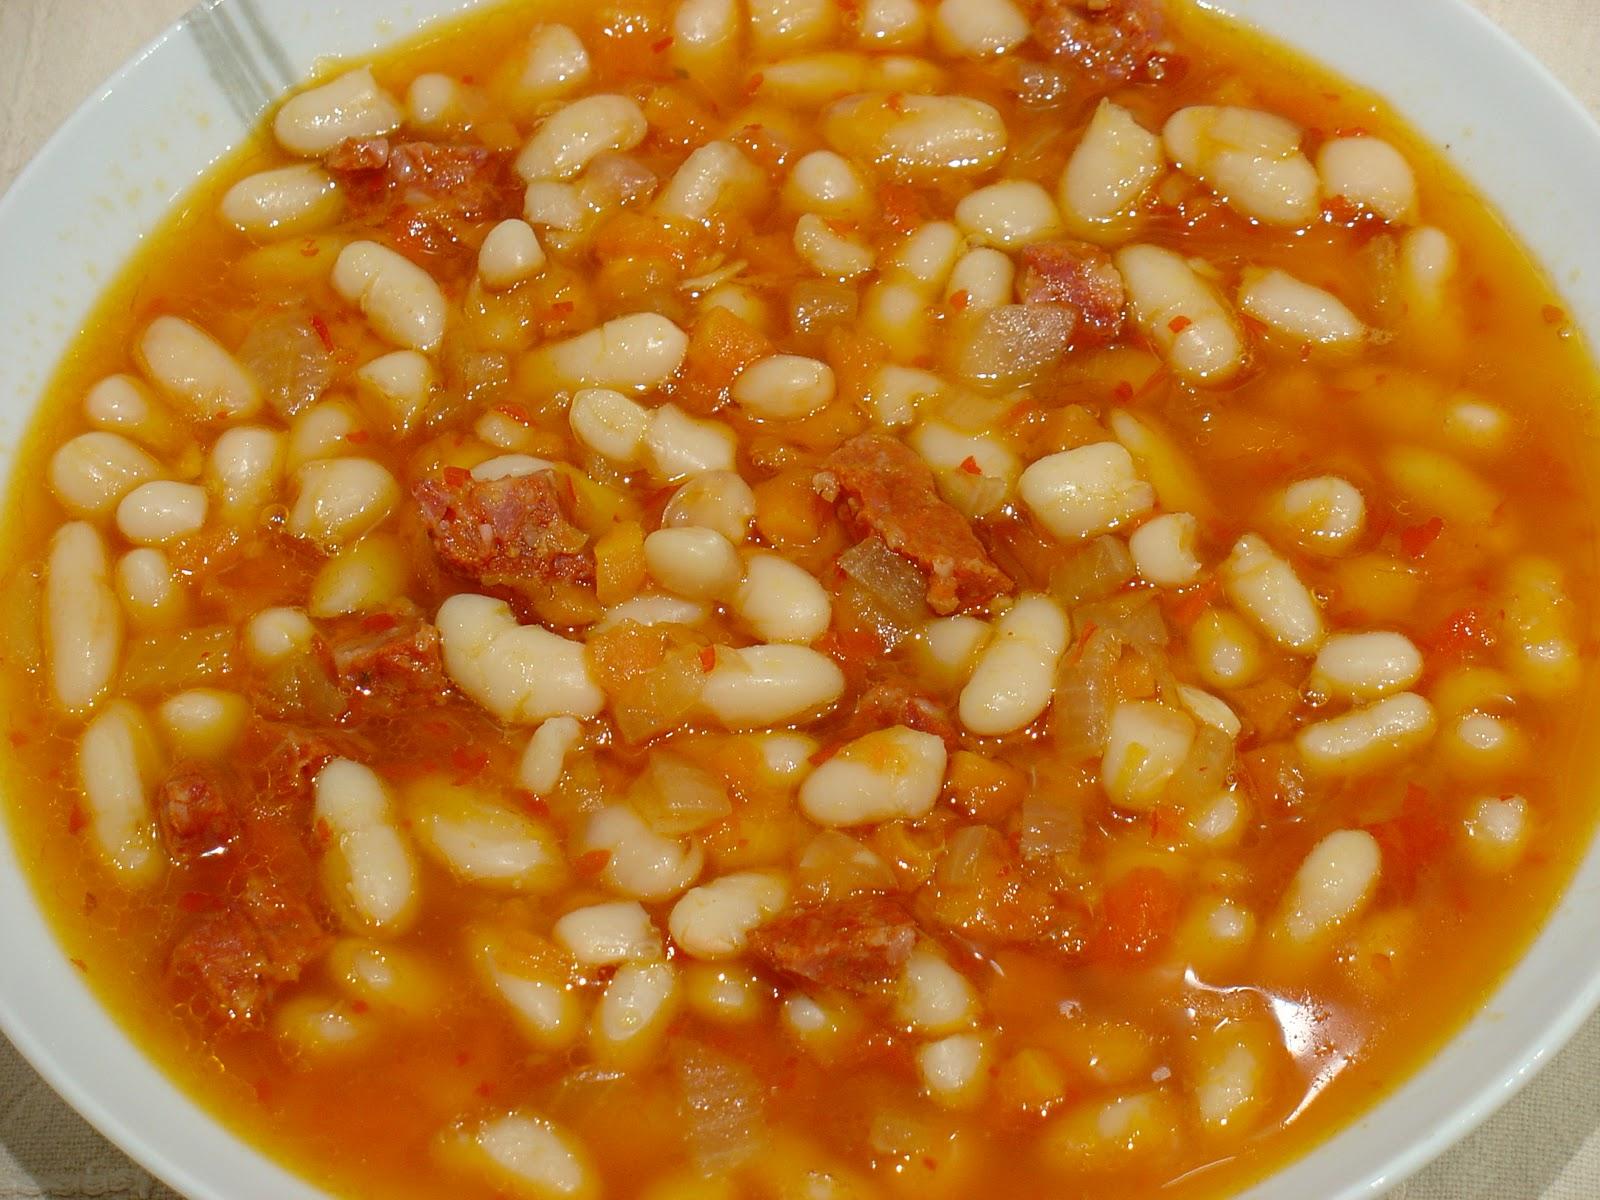 Cocina con juande judias blancas con chorizo - Judias con chorizo y patatas ...